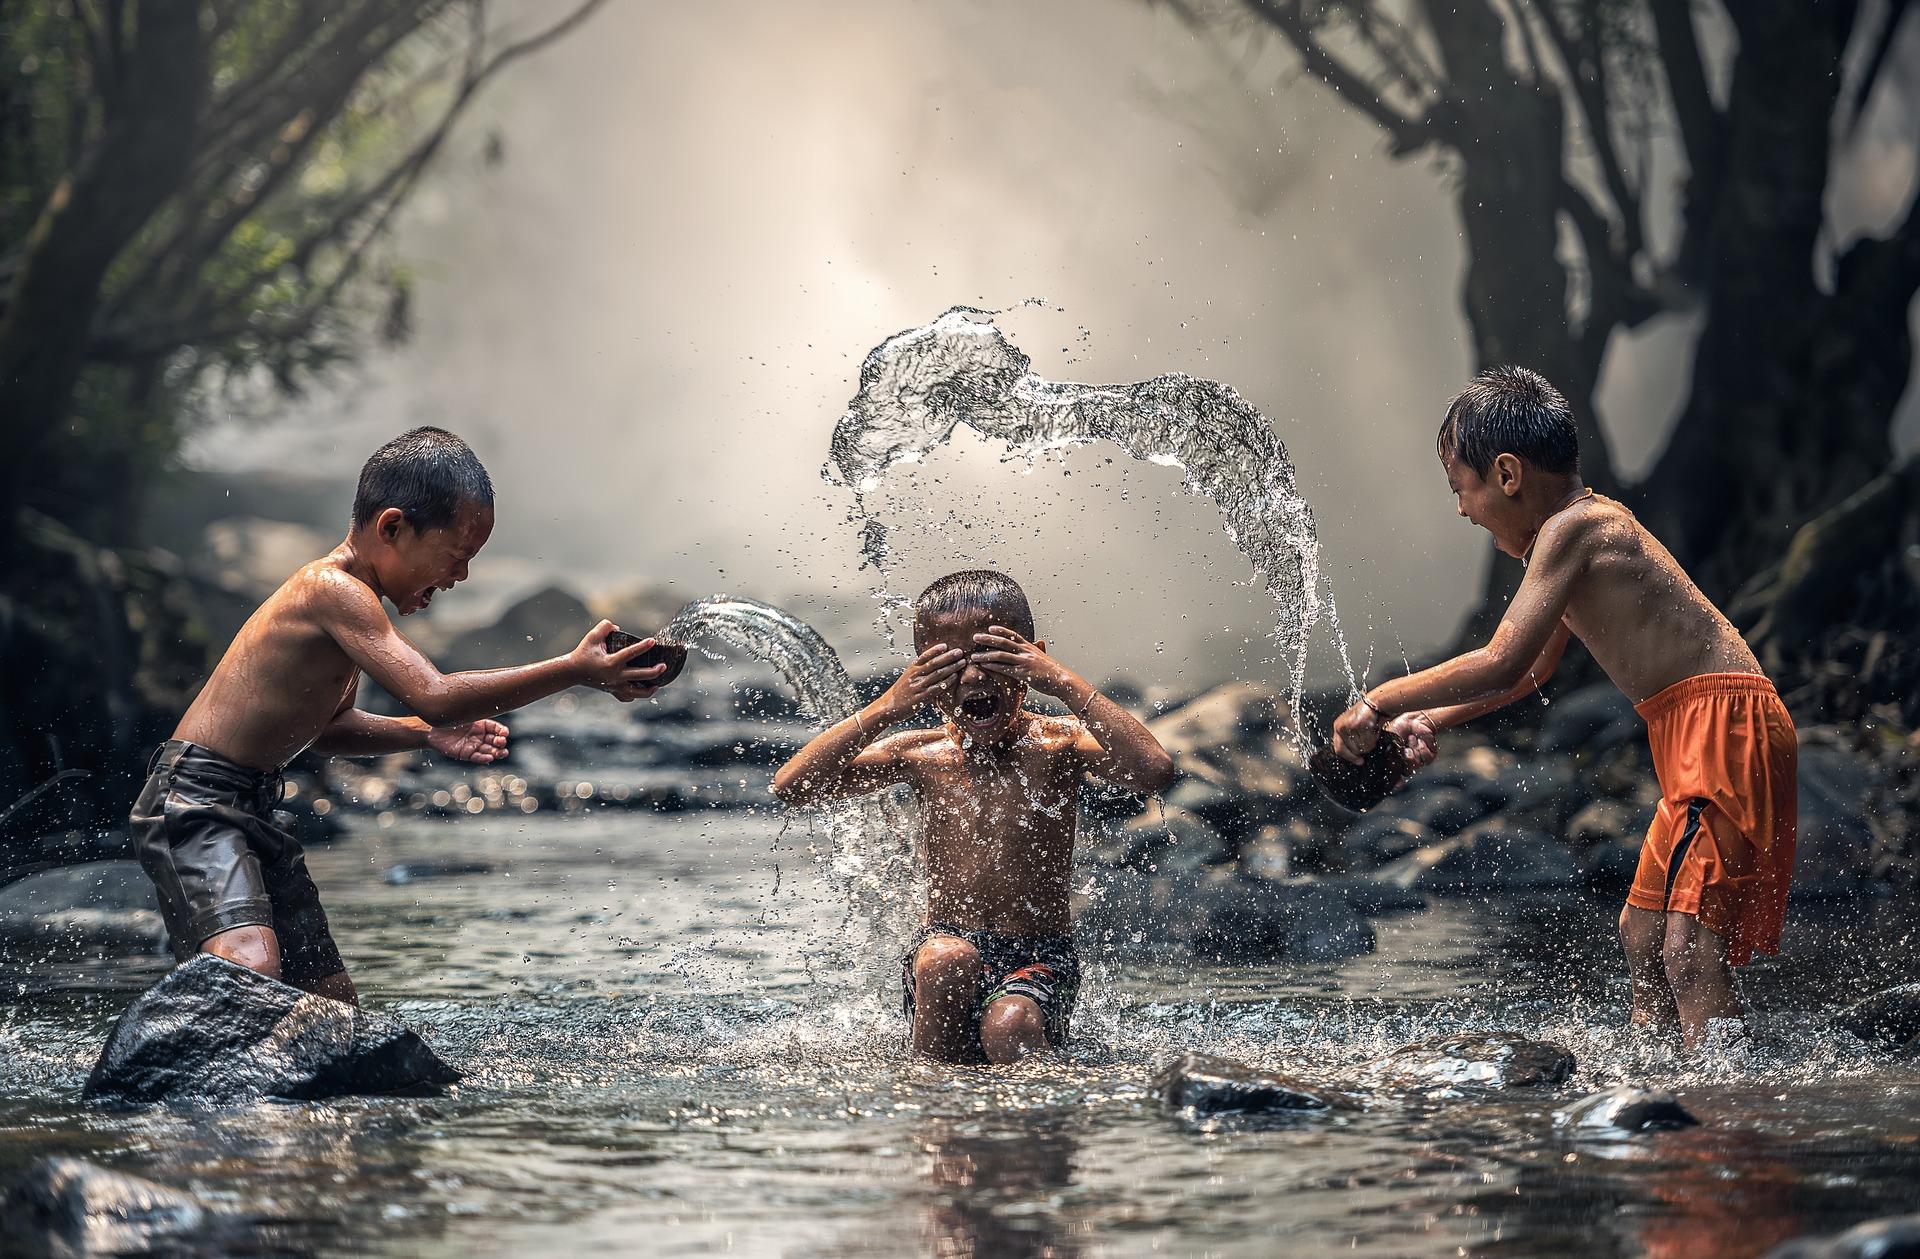 Nachkauf: China Water Affairs Group